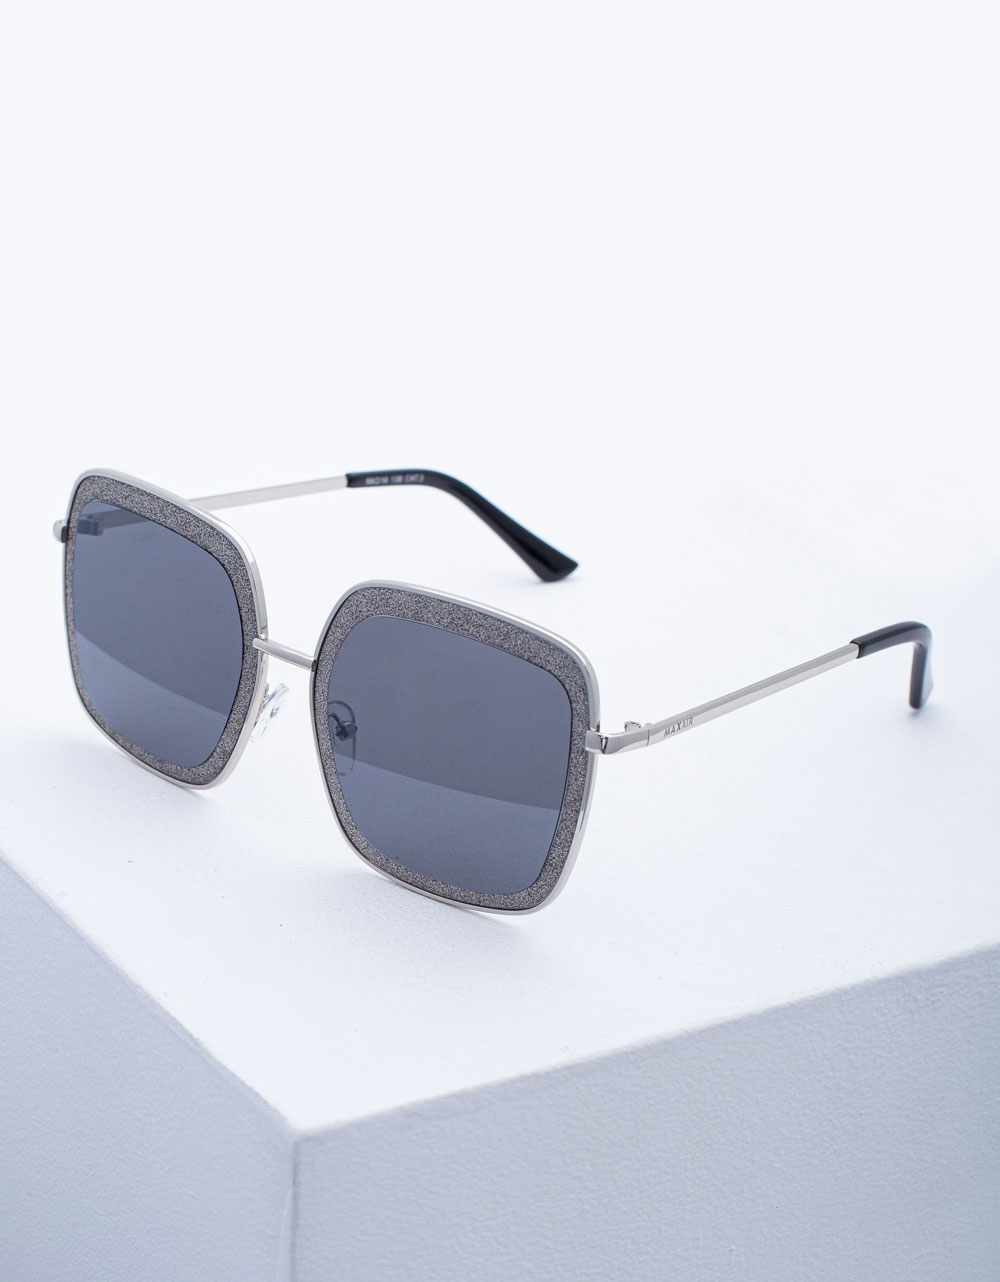 Εικόνα από Γυναικεία γυαλιά ηλίου oversized με τετράγωνο σχήμα Ασημί